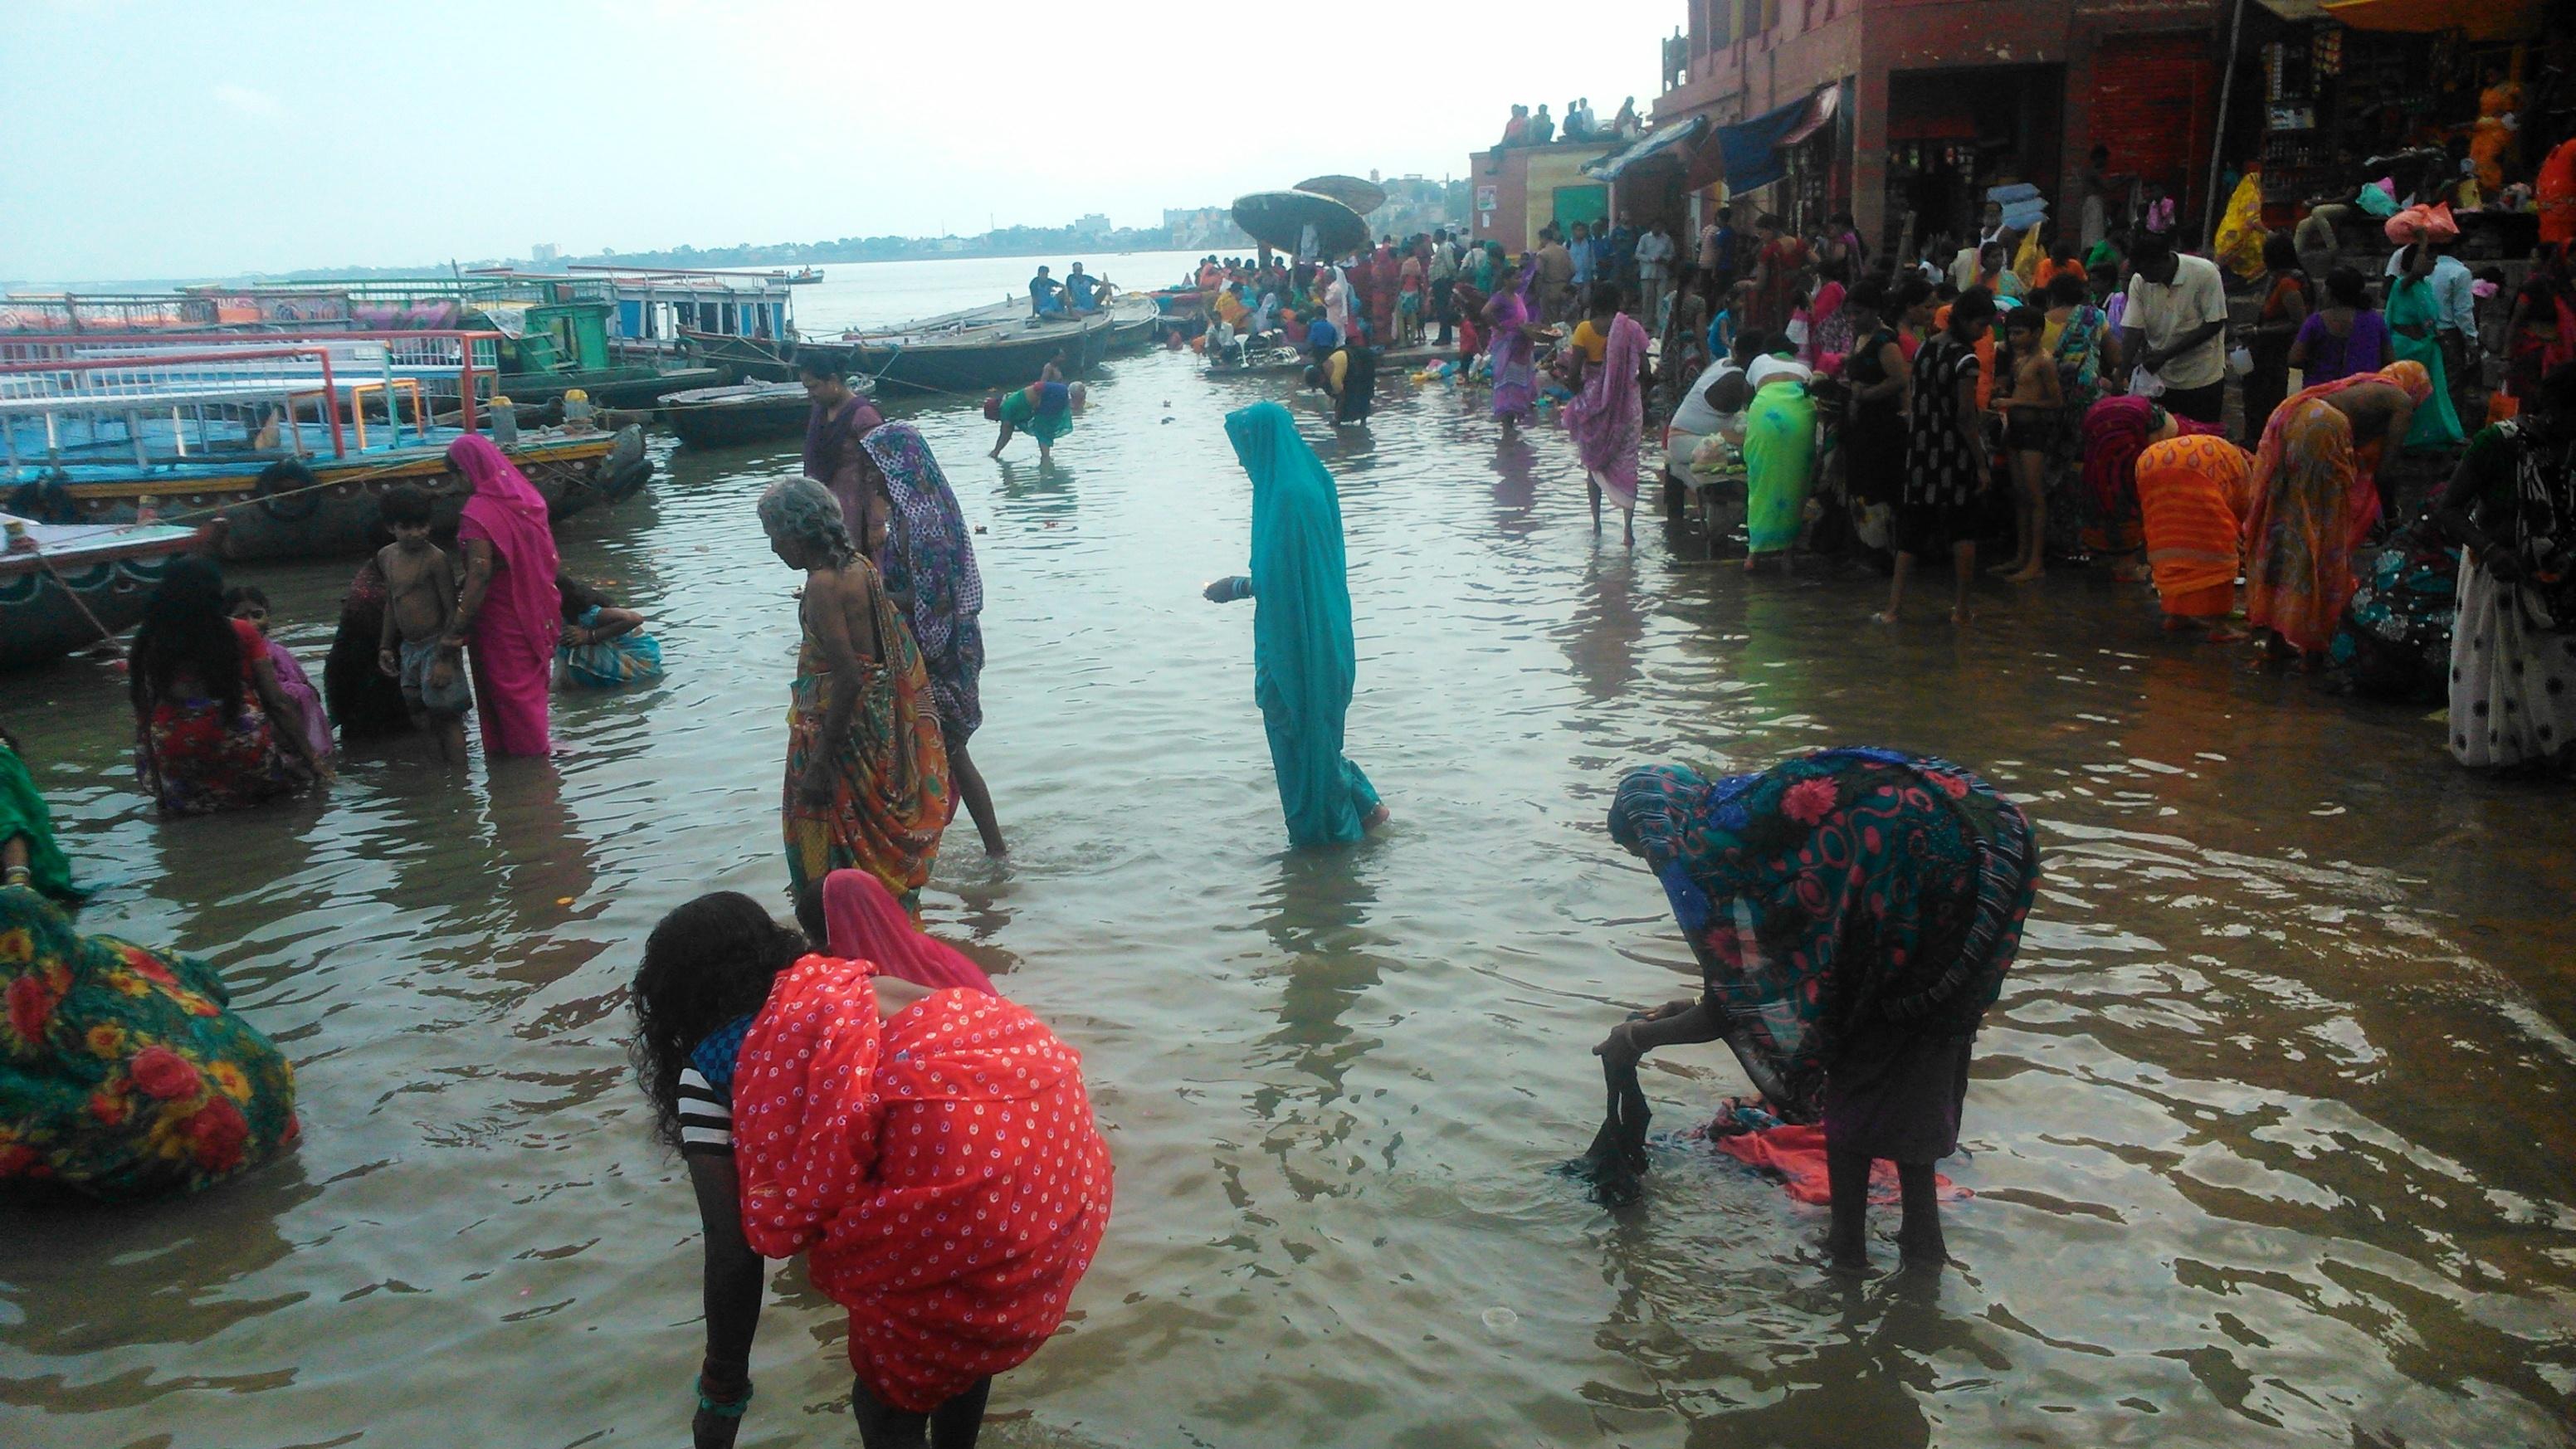 Il mio viaggio india 2014 diario di viaggio - Bagno delle donne ...